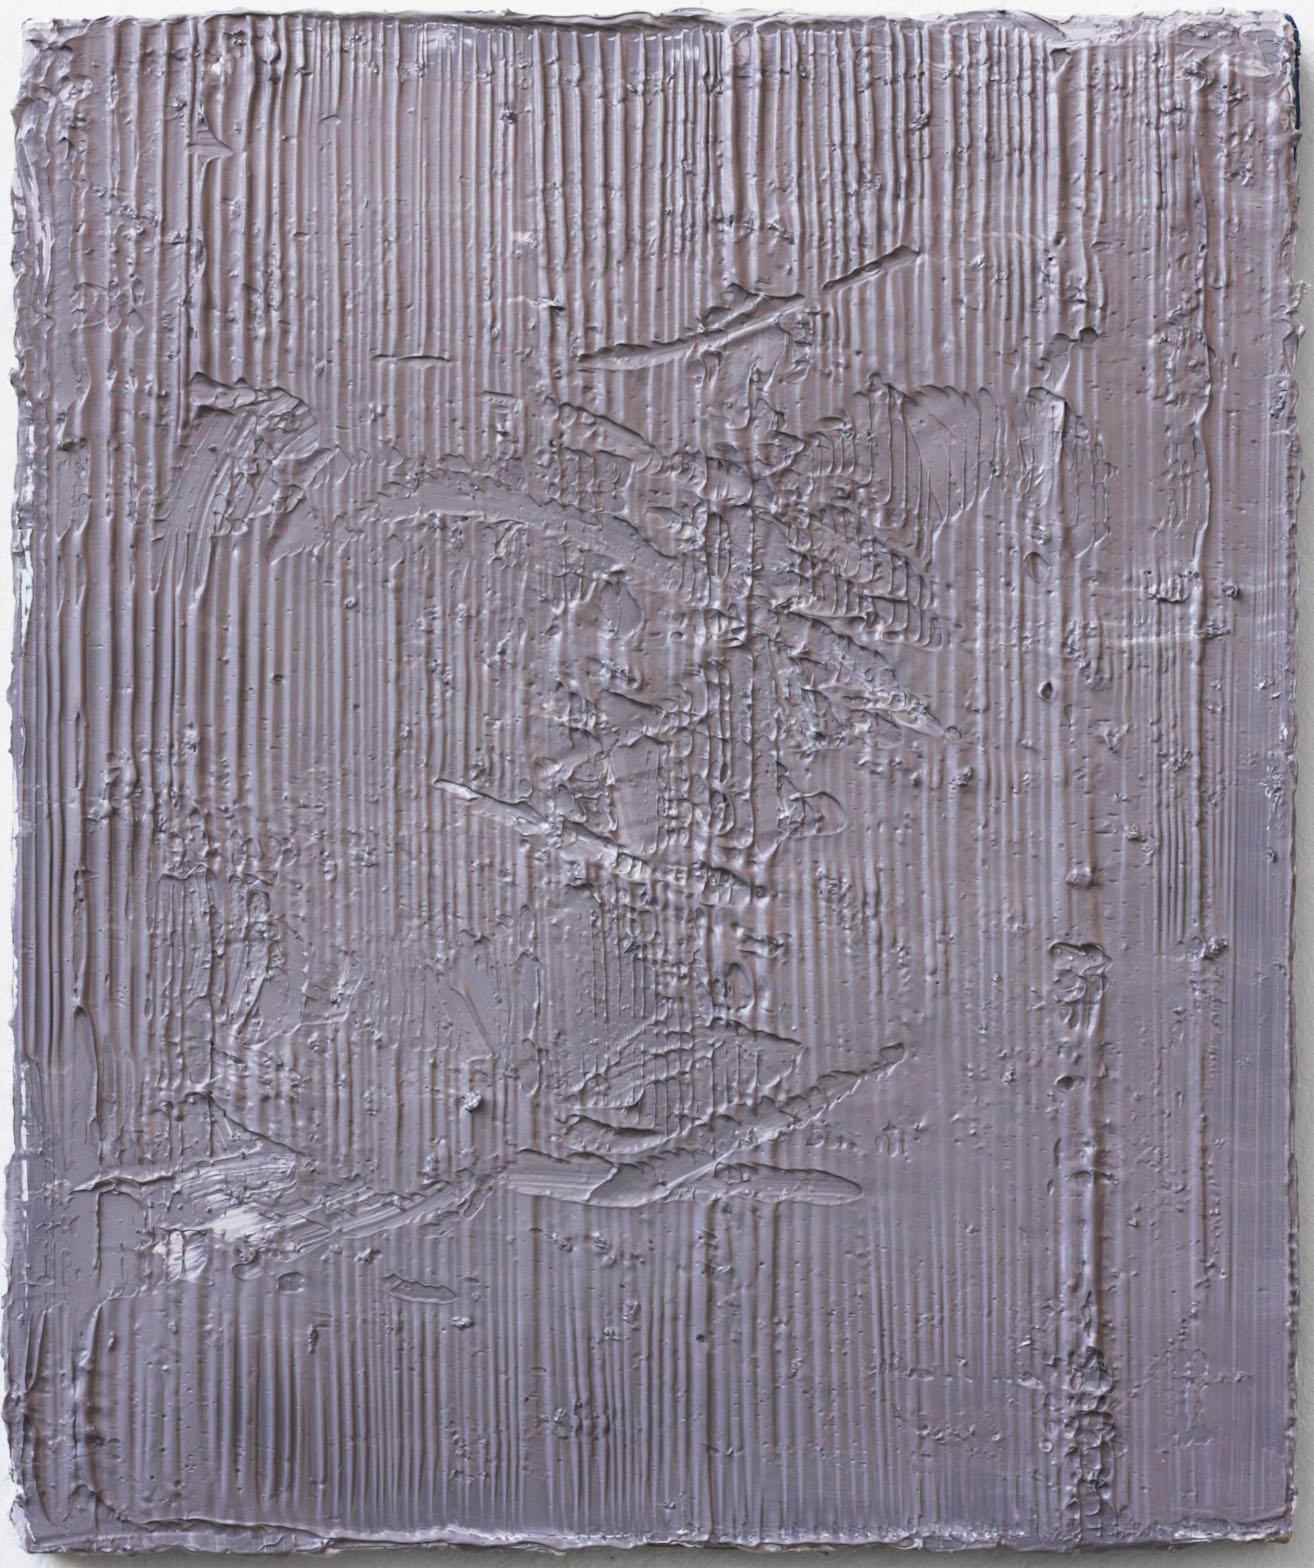 Felix Becker_untitled (La phrase d'ou vient la salive)_2020_Oil on linen_65 x 50 cm_web